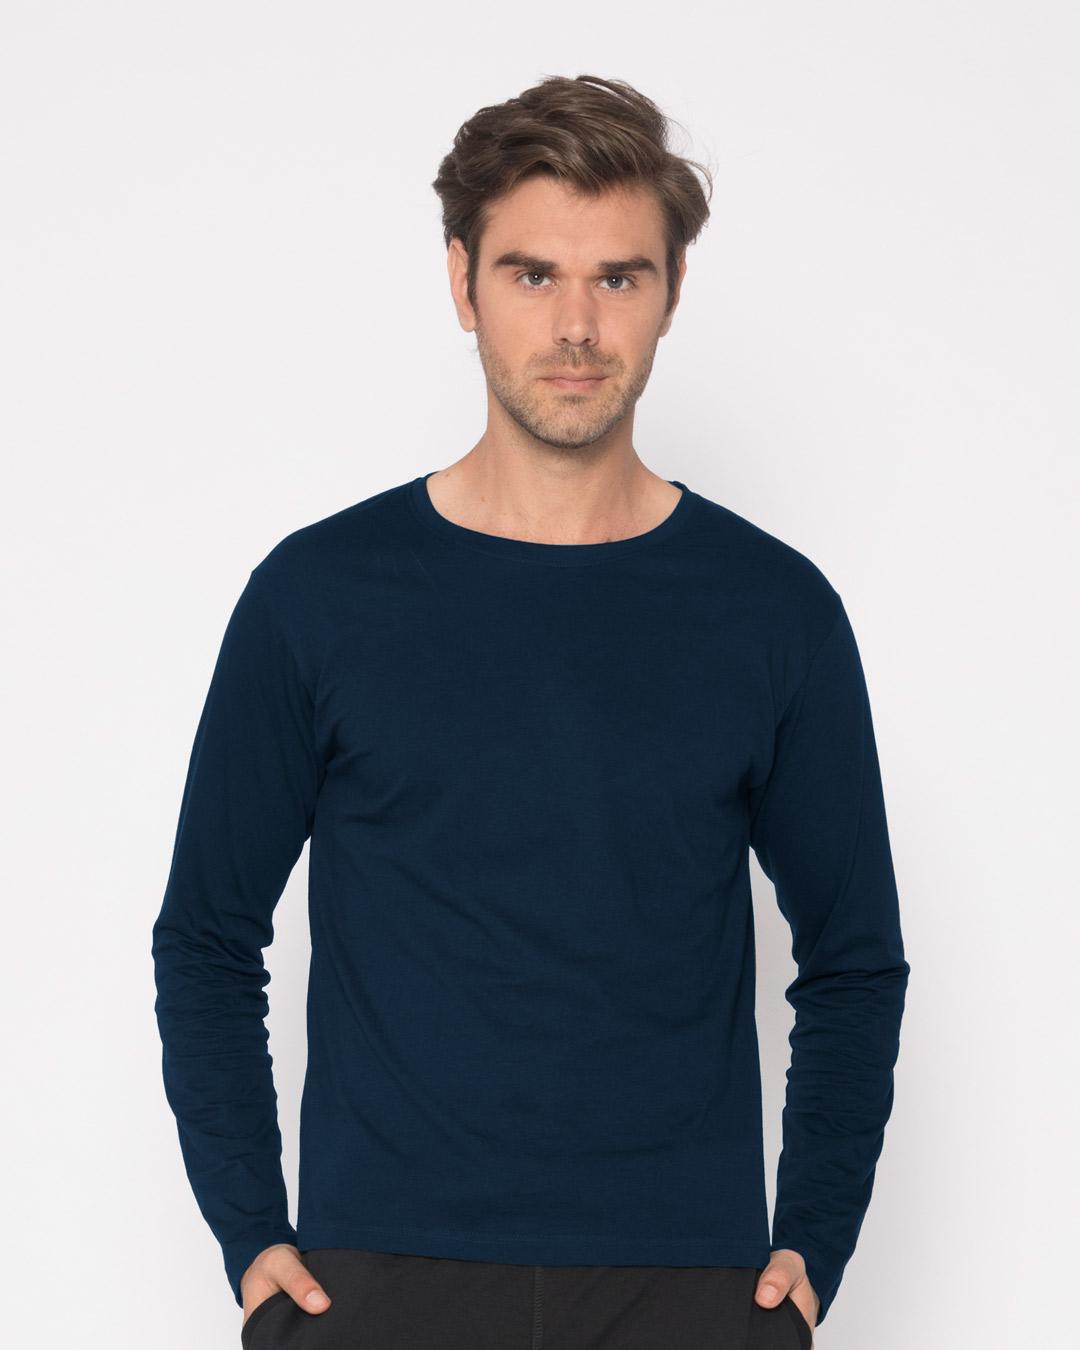 Navy Blue Plain Long/Full Sleeve T-Shirts for Men Online